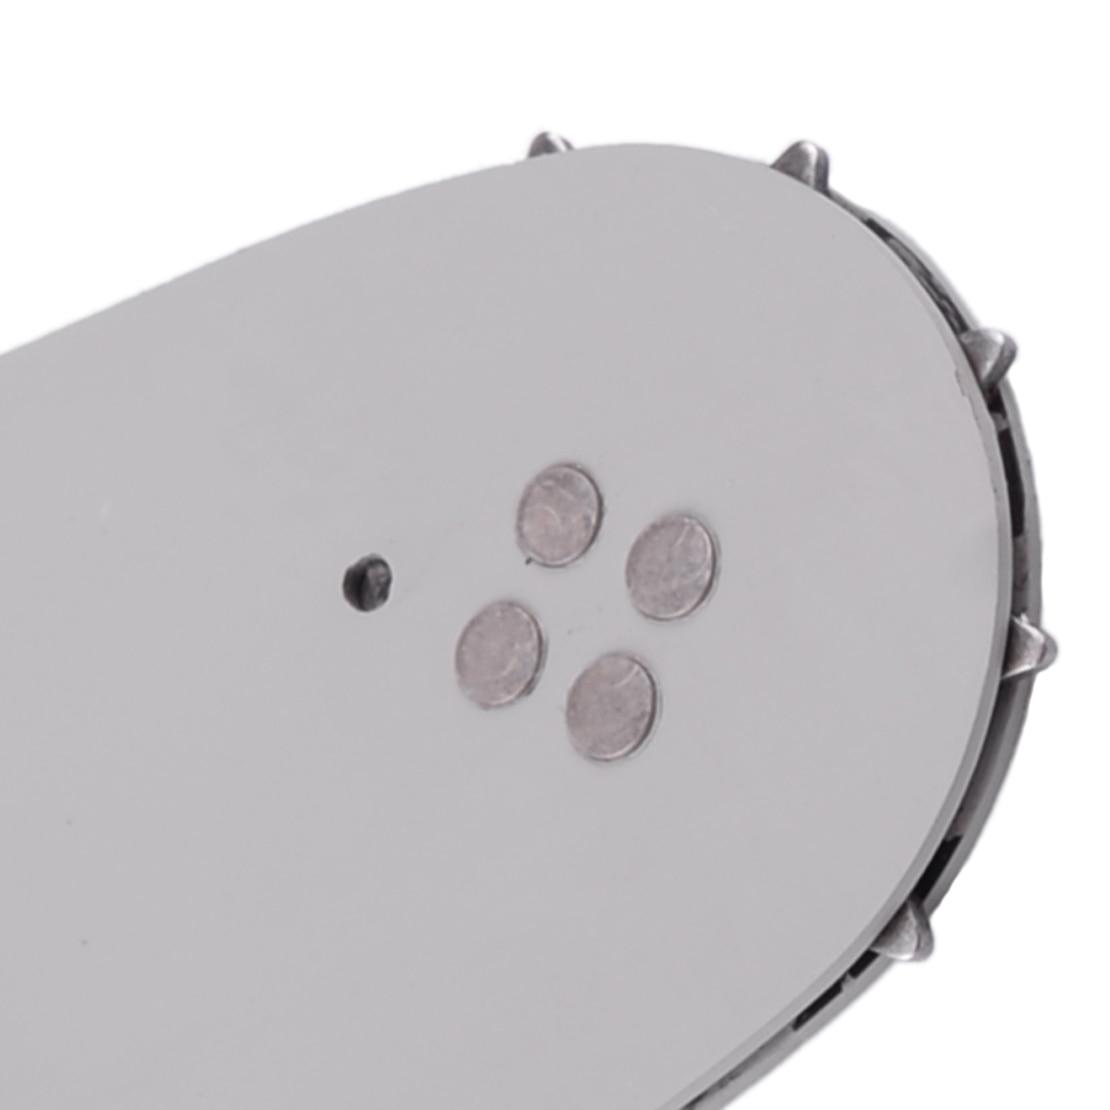 LETAOSK Guide Plate Bar Compatible avec les parties HUSQVARNA Chainsaw argent et blanc